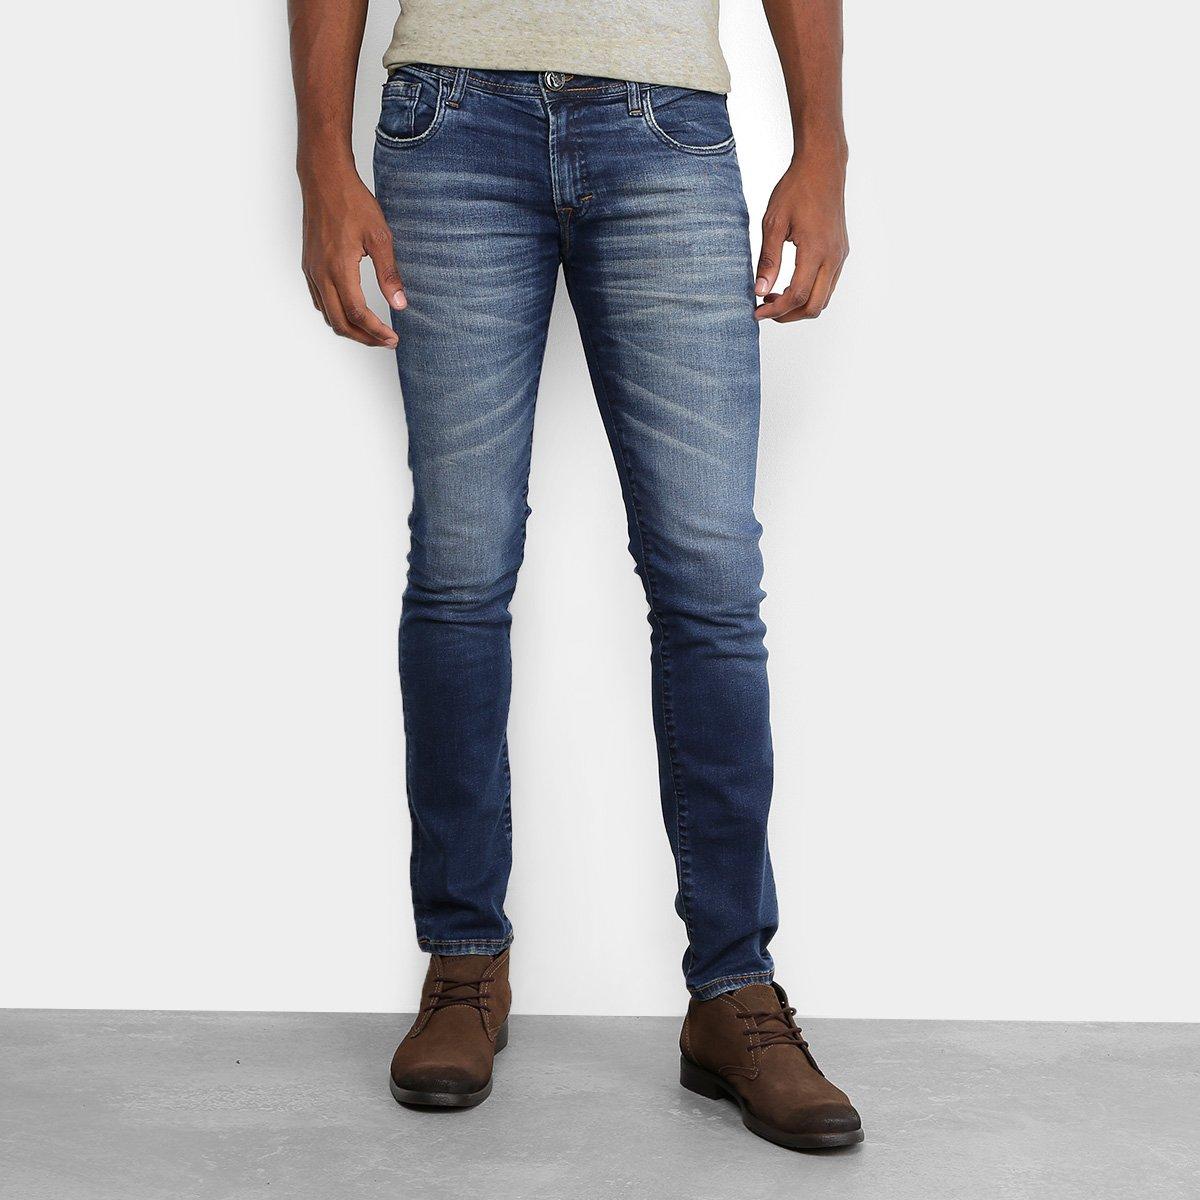 c03d41fb7 Calça Jeans Skinny Opera Rock Estonada Masculina